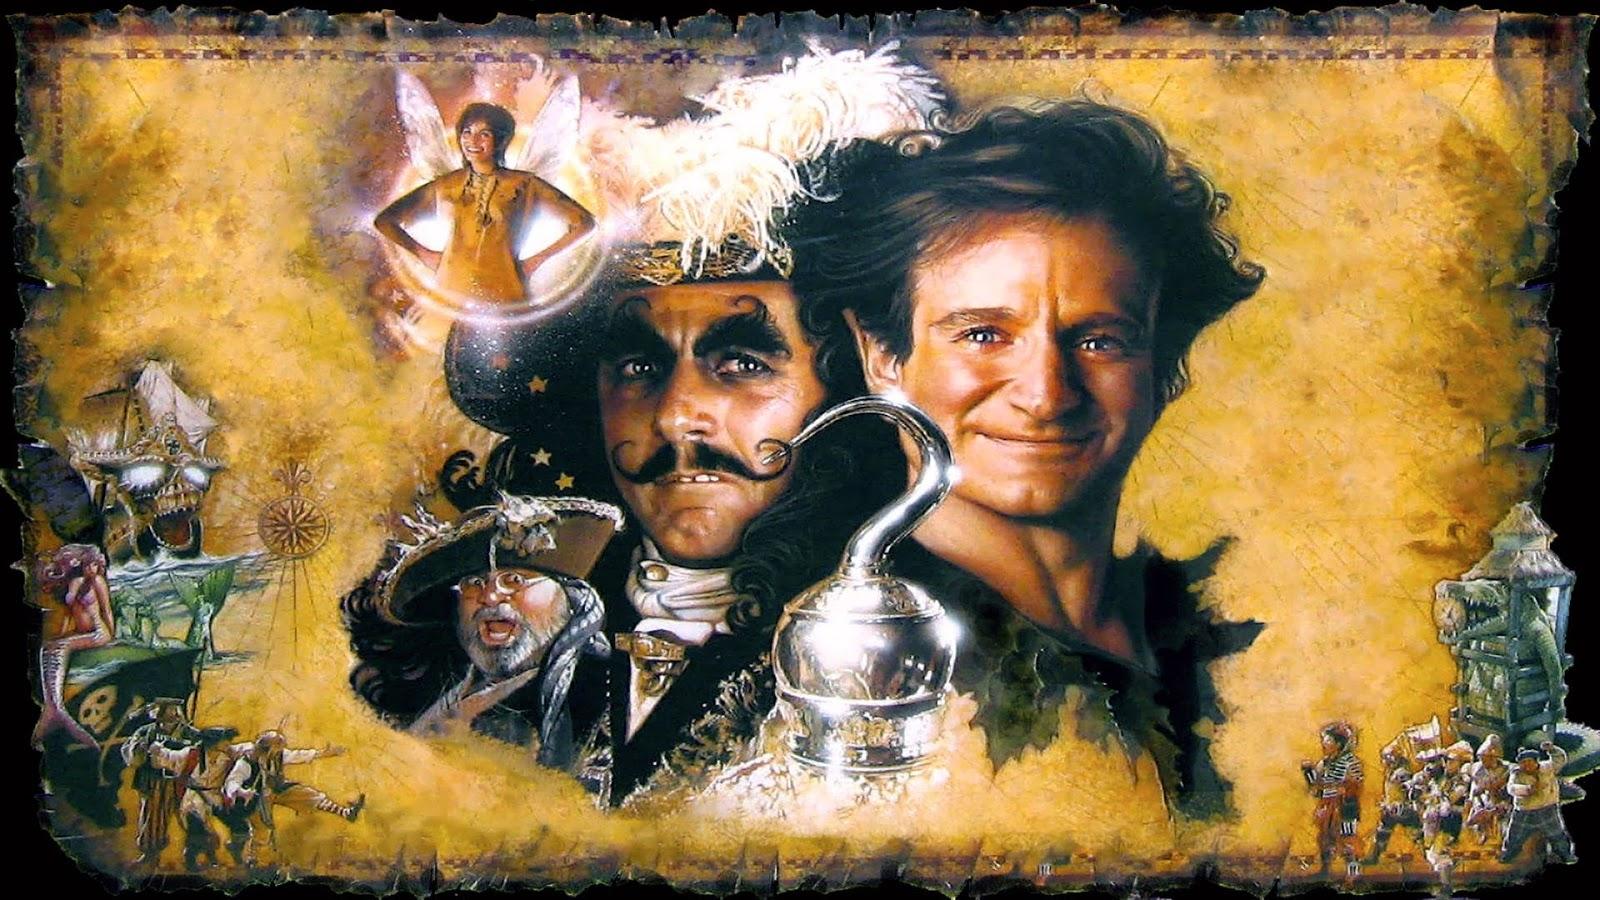 Cine 'Hook, (el capitán Garfio)' en CaixaForum Madrid (Madrid)